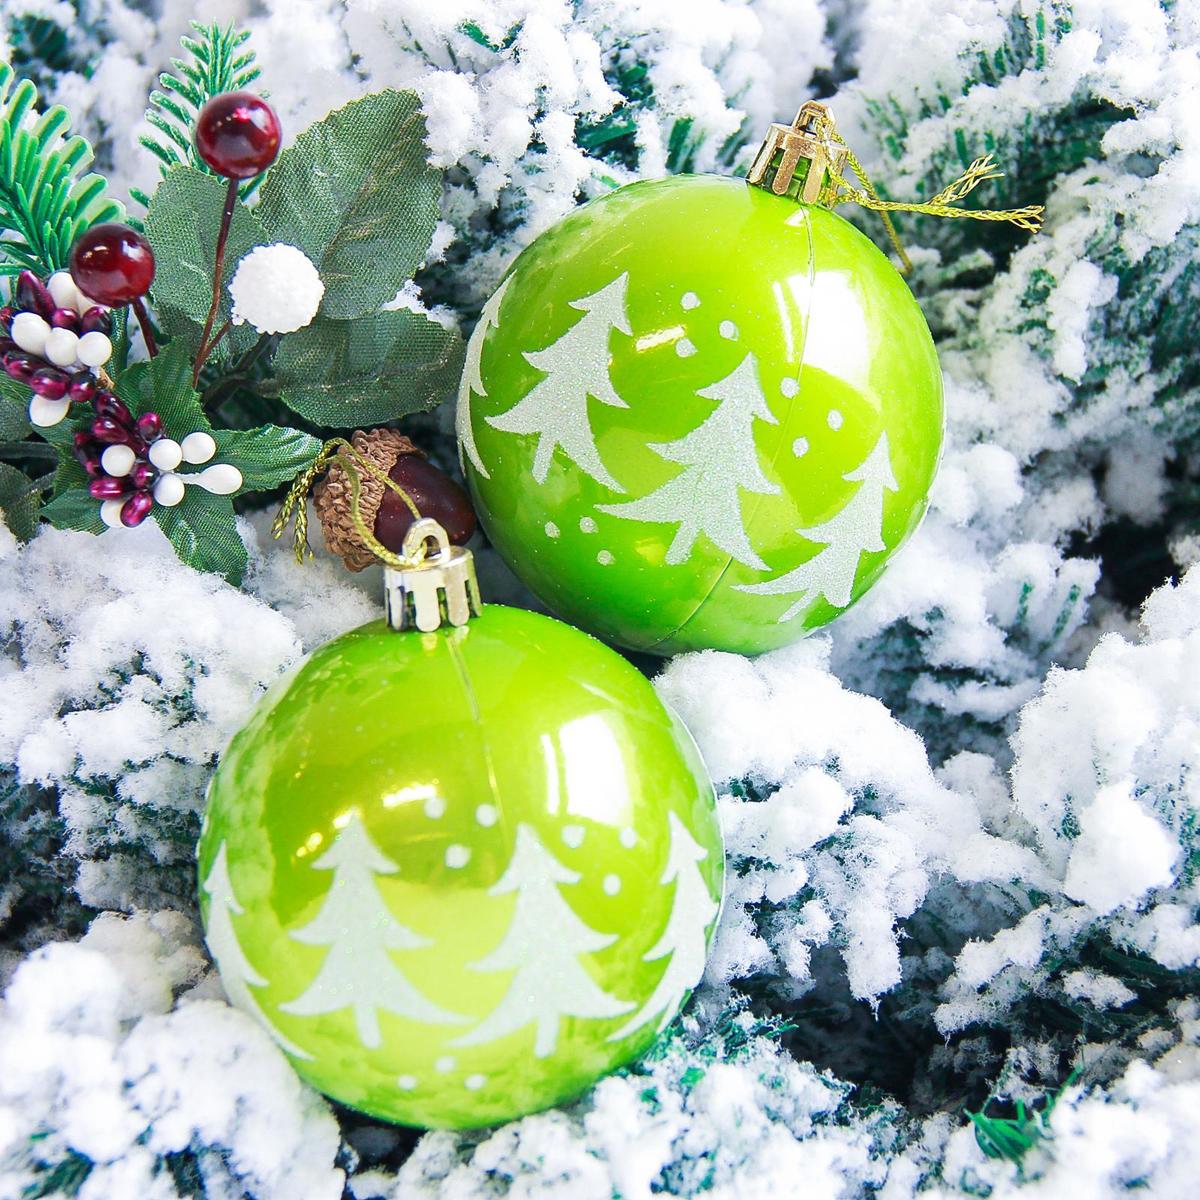 Набор новогодних подвесных украшений Sima-land Гордый олень, цвет: зеленый, диаметр 7 см, 6 шт2178216Невозможно представить нашу жизнь без праздников! Мы всегда ждём их и предвкушаем, обдумываем, как проведём памятный день, тщательно выбираем подарки и аксессуары, ведь именно они создают и поддерживают торжественный настрой.